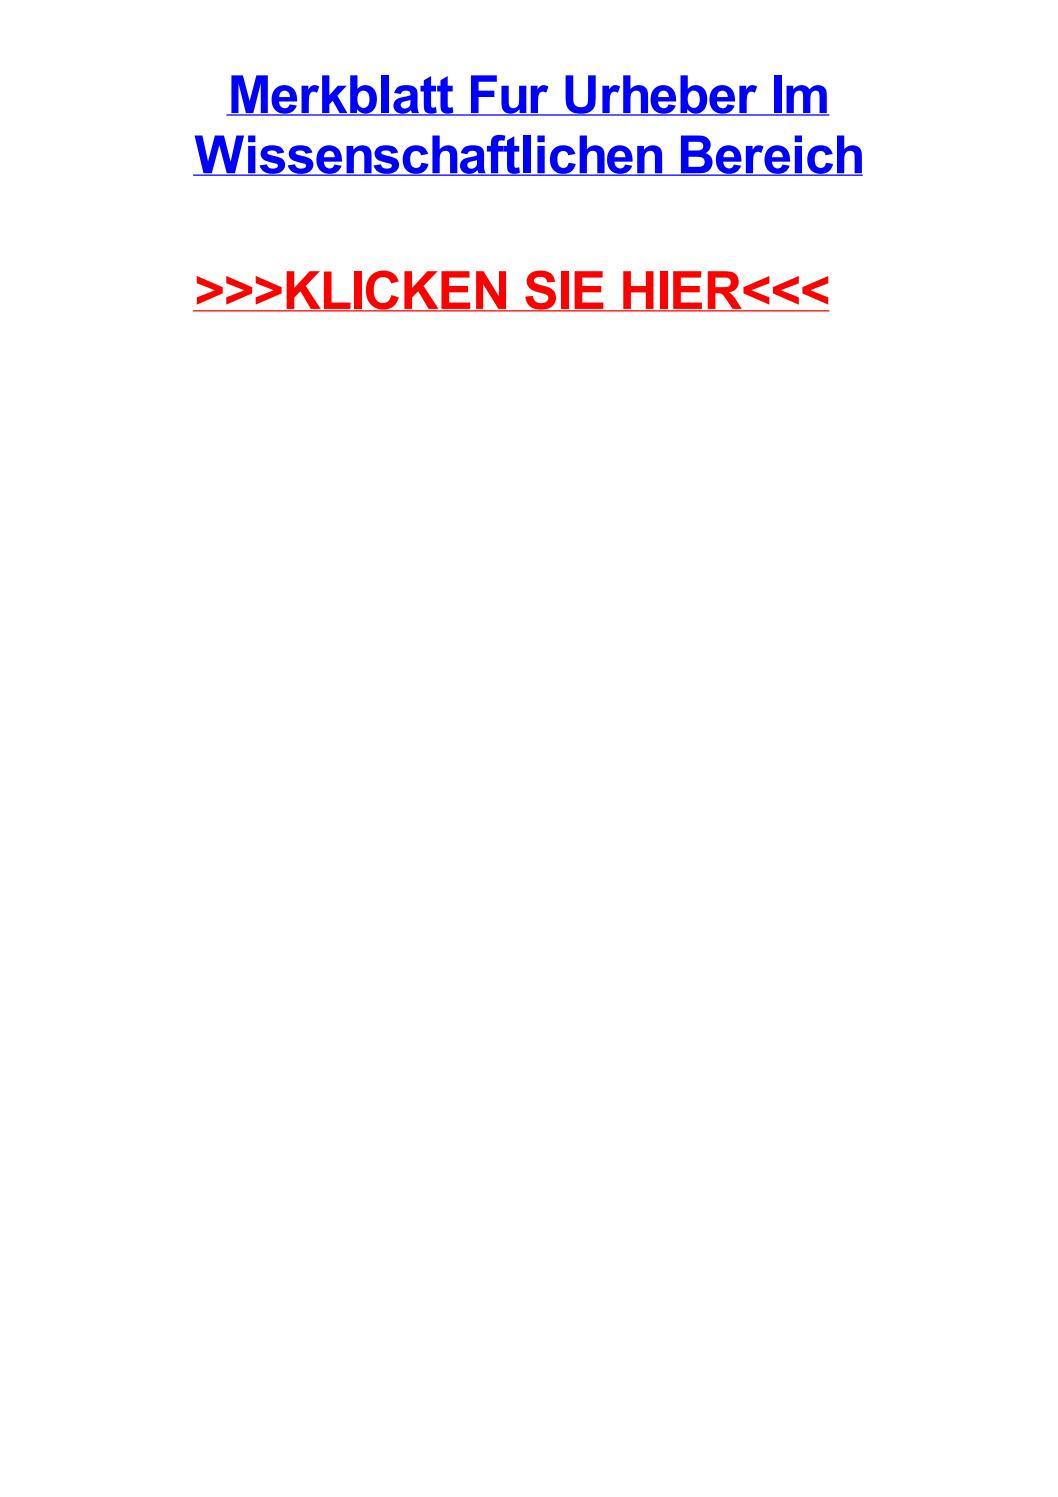 Merkblatt fur urheber im wissenschaftlichen bereich by ginaklgyv - issuu